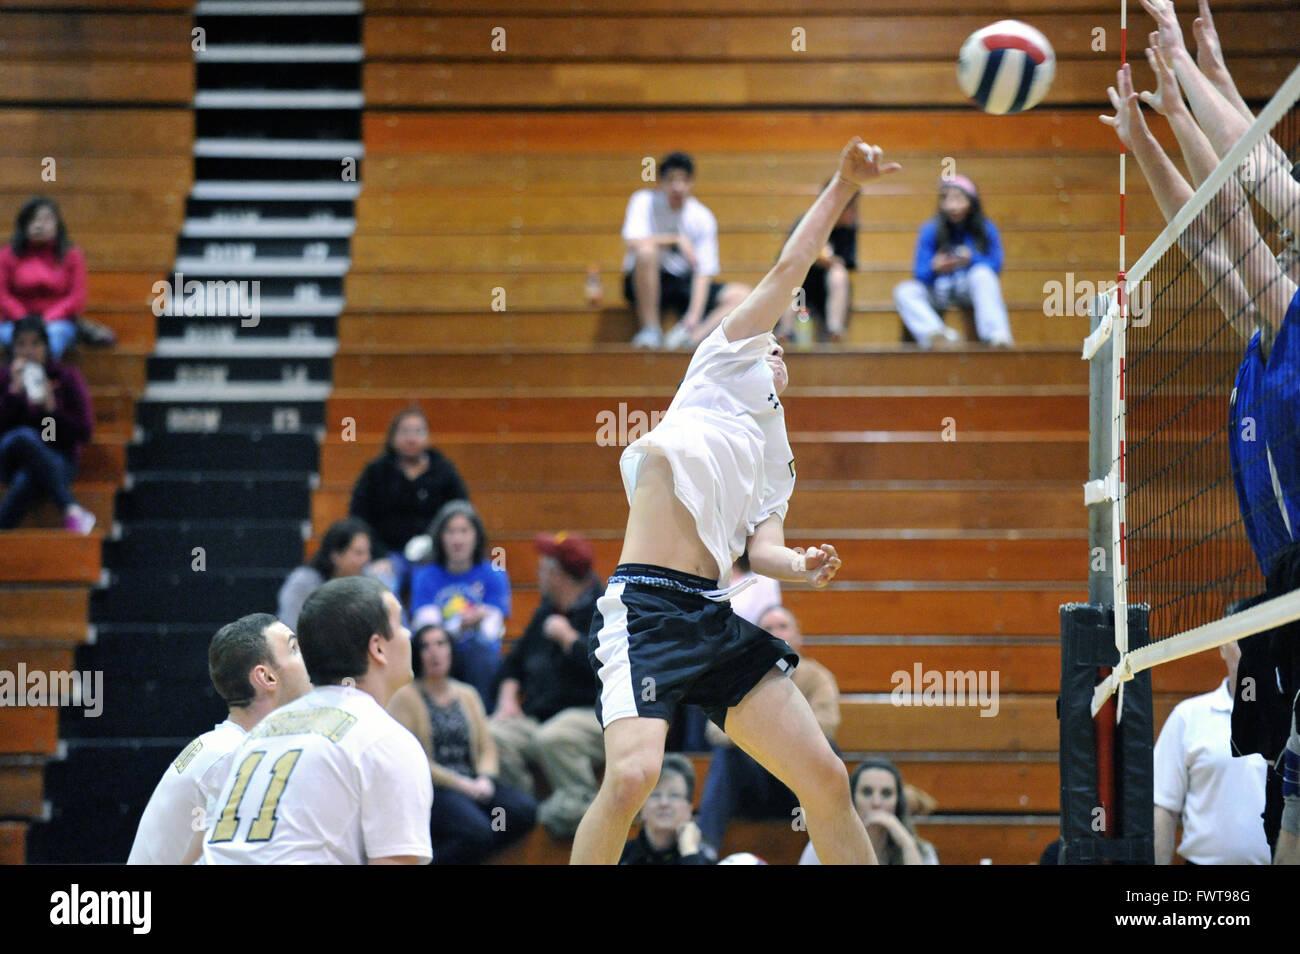 High school player se eleva por encima del suelo en un esfuerzo por ofrecer un punto ganador de matar a tiros. Ee.Uu.. Imagen De Stock